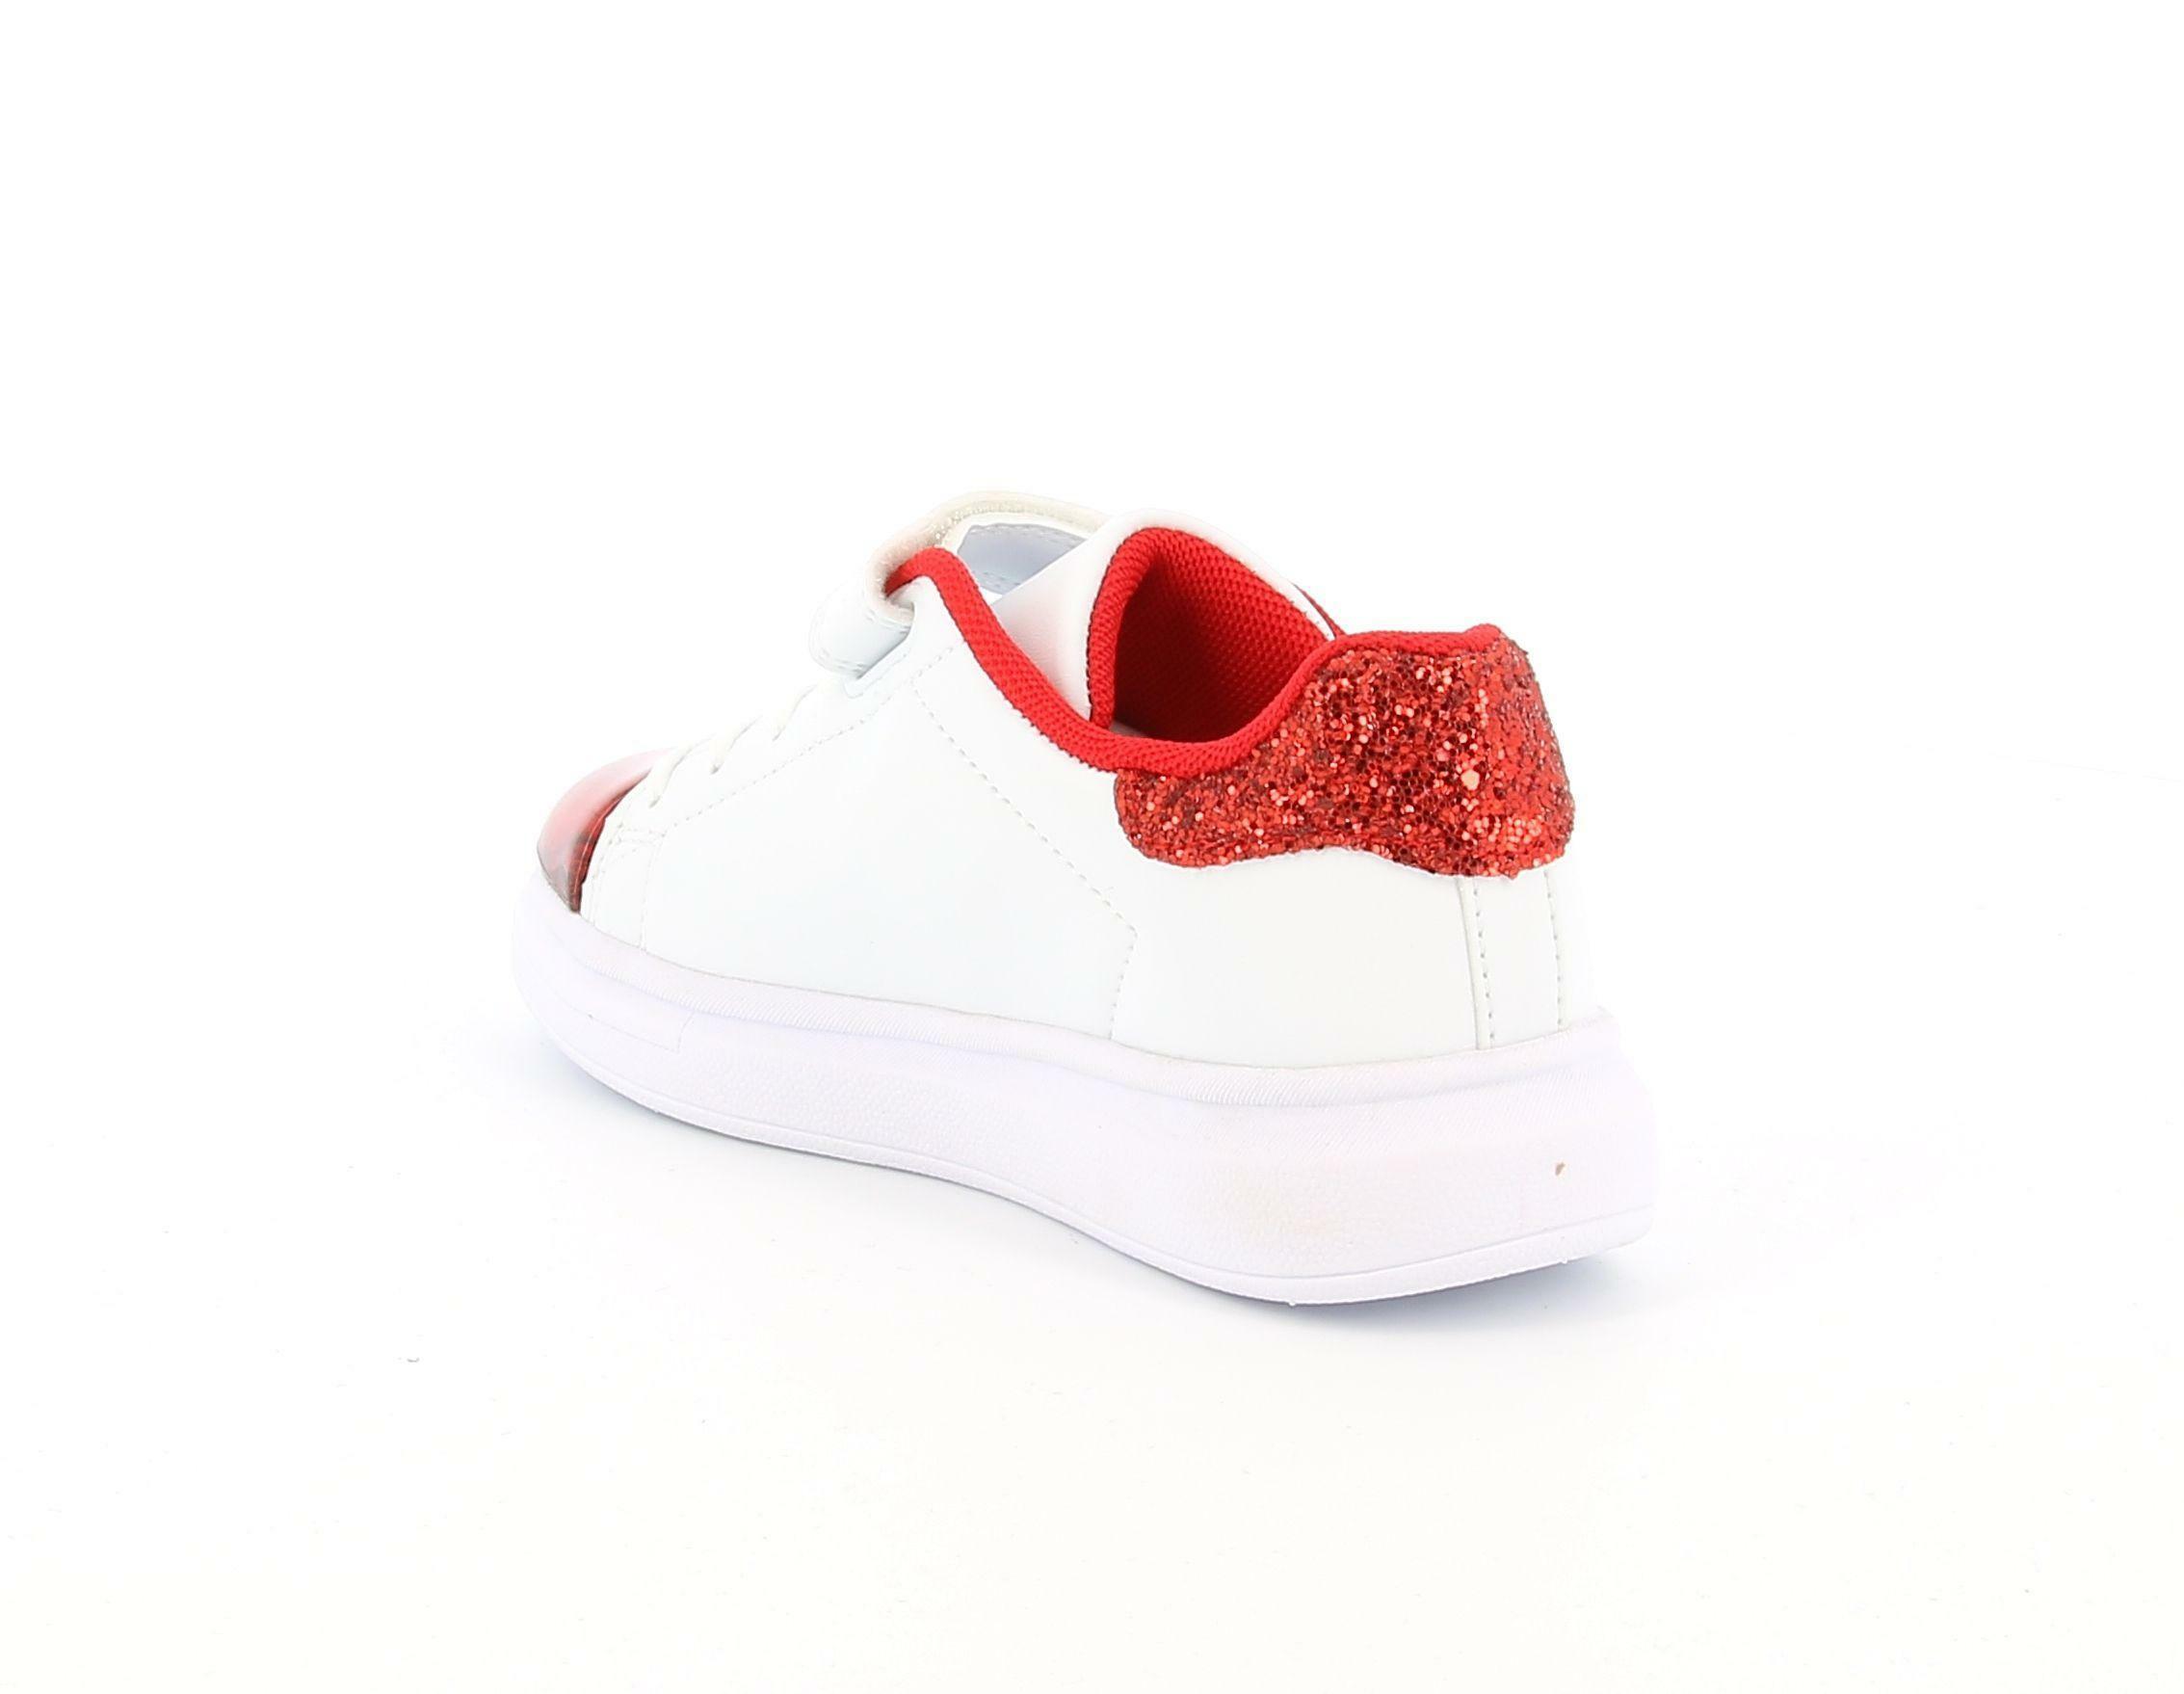 lelli kelly lelli kelly lk5821 sneakers bambina bianco rosso